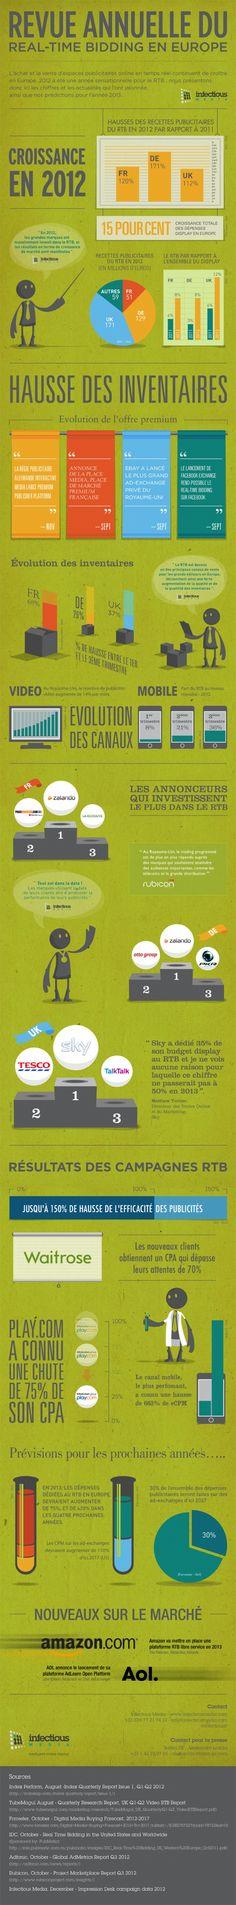 Infographie : Le RTB, grande tendance publicitaire de 2012